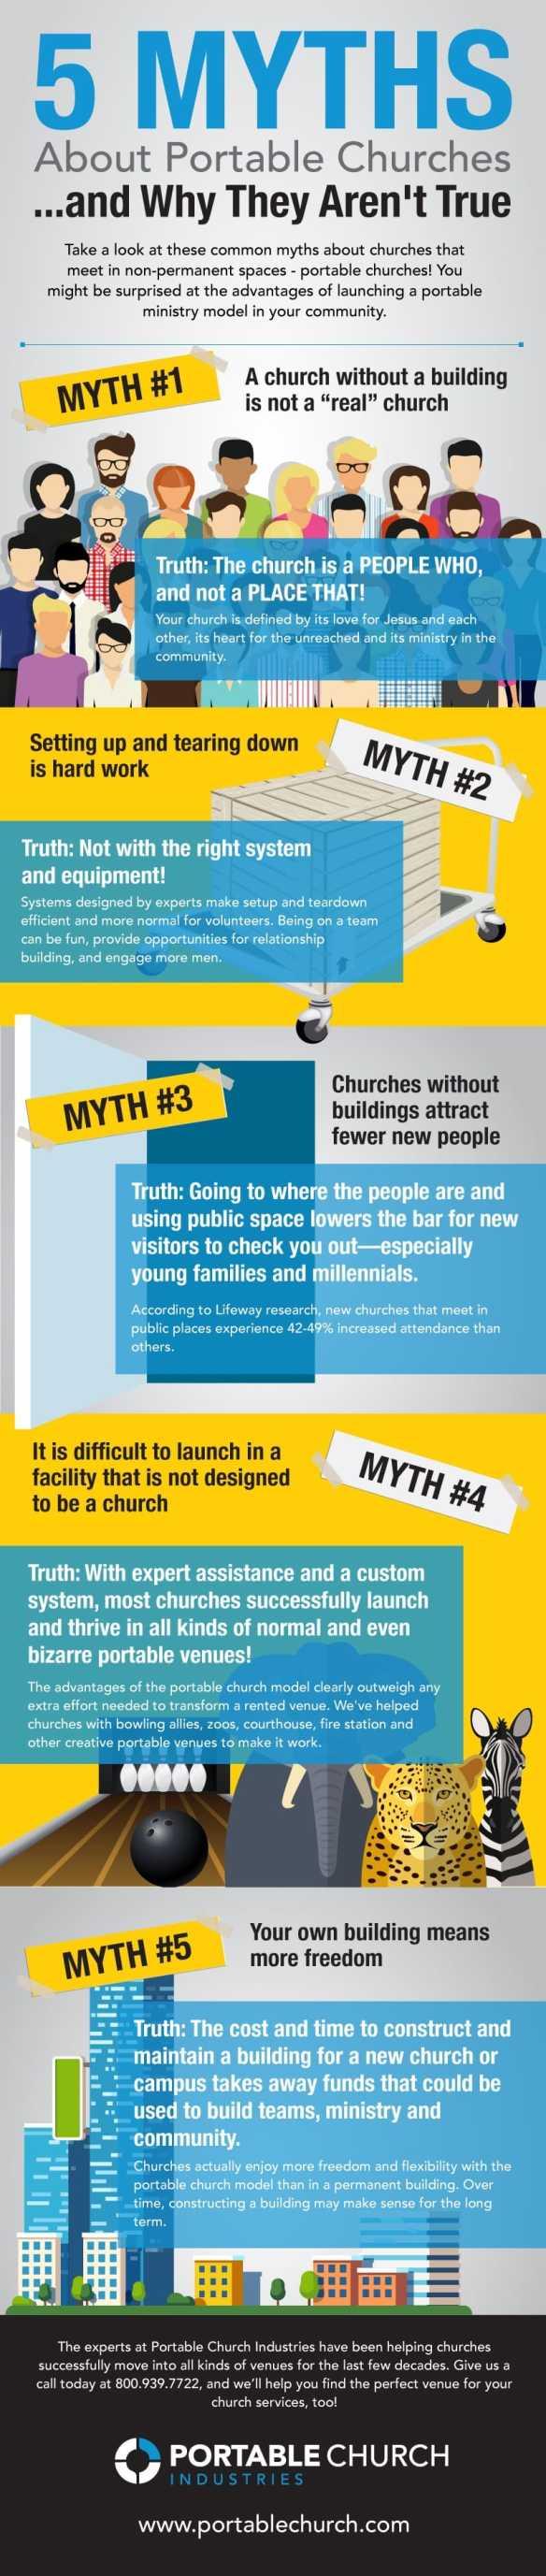 Church Launch, Portable Church, Church Plant, Multisite Church, church planters, mobile church, facility, church venue